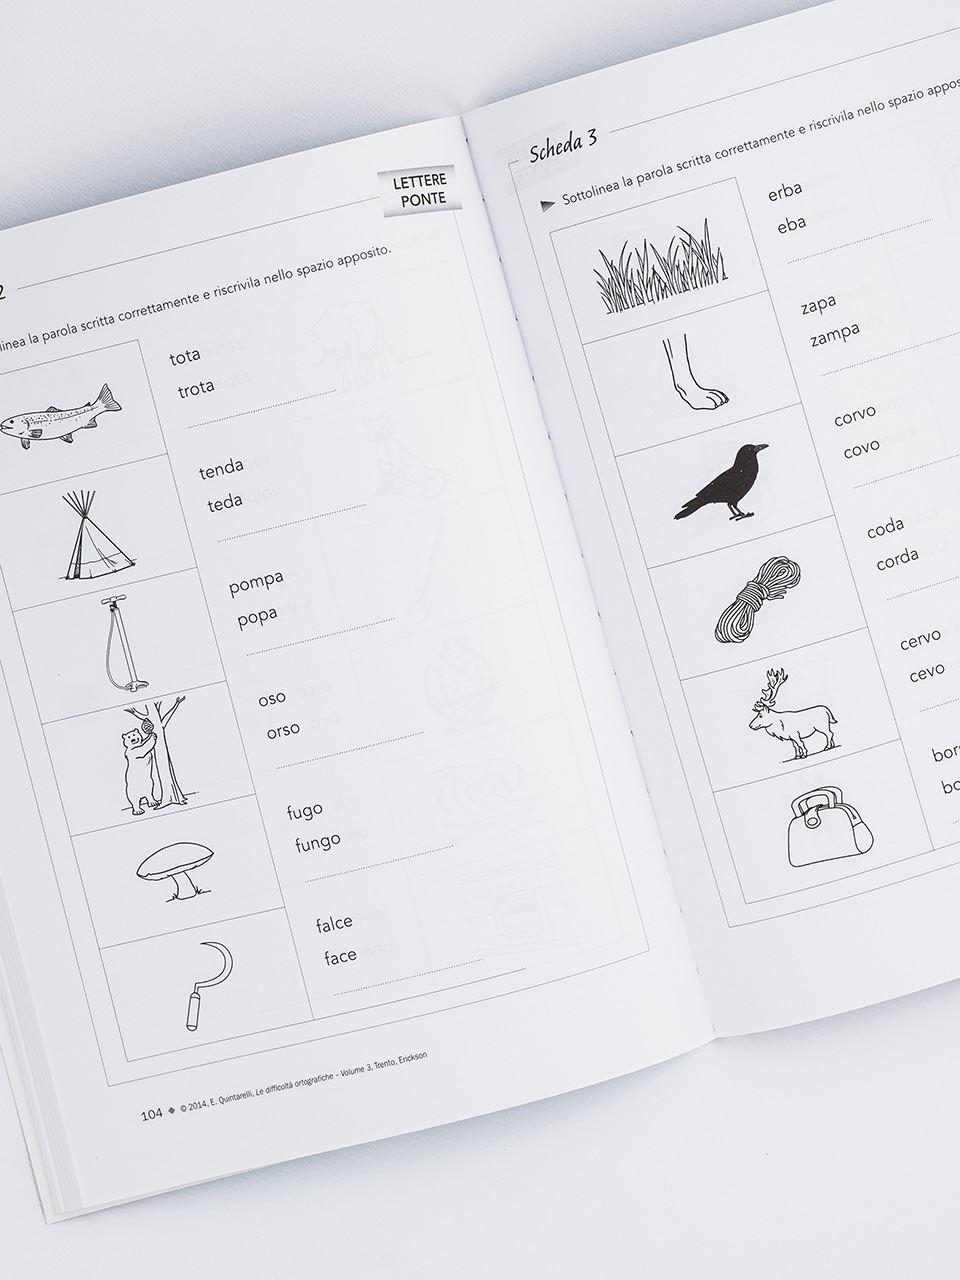 Le difficoltà ortografiche - Volume 3 - Libri - App e software - Erickson 4